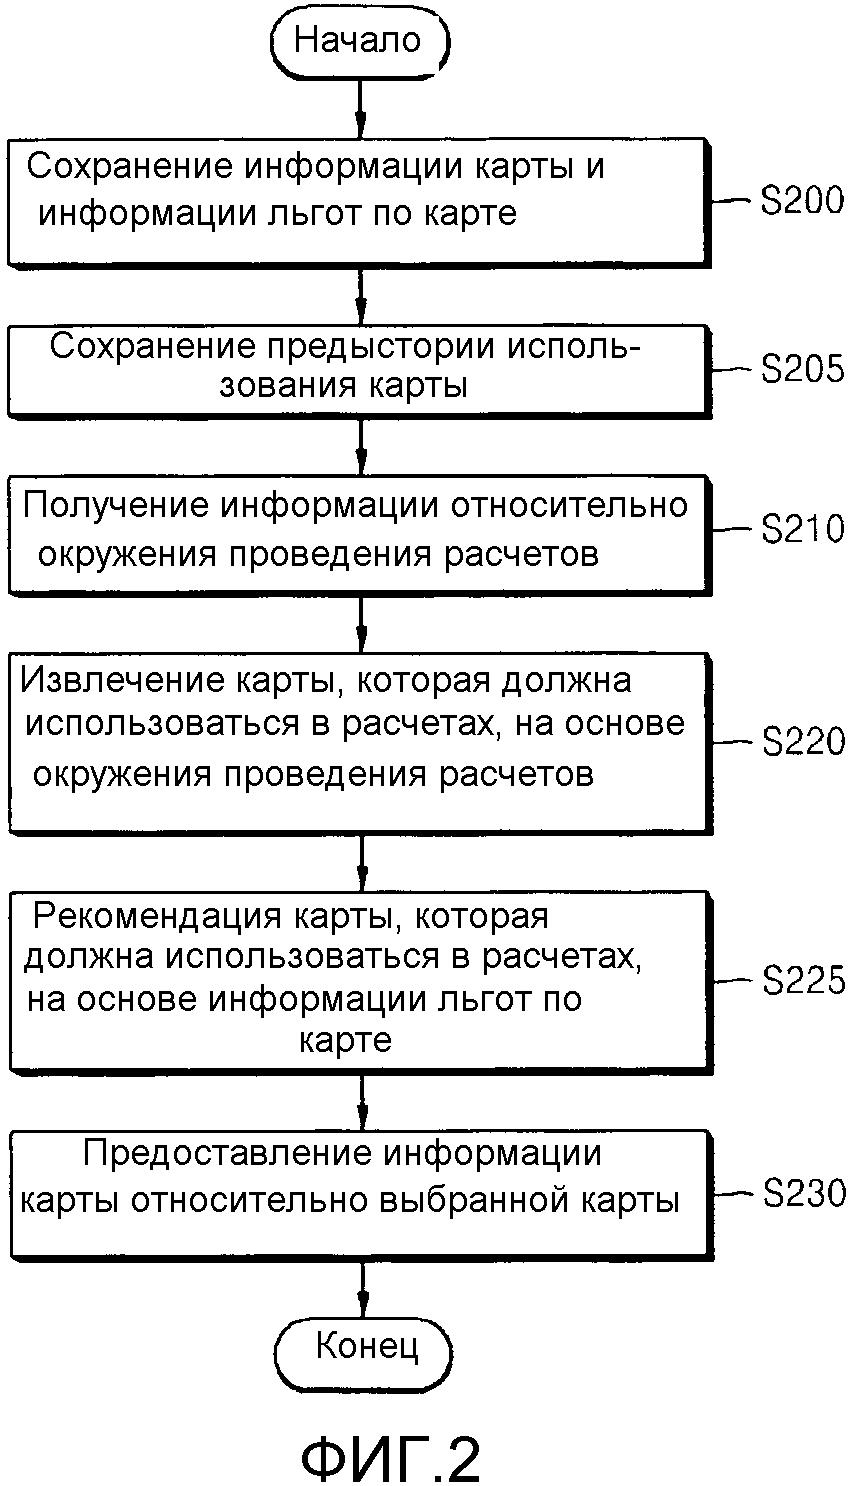 Способ и устройство для определения элемента на основе окружения взаимодействия